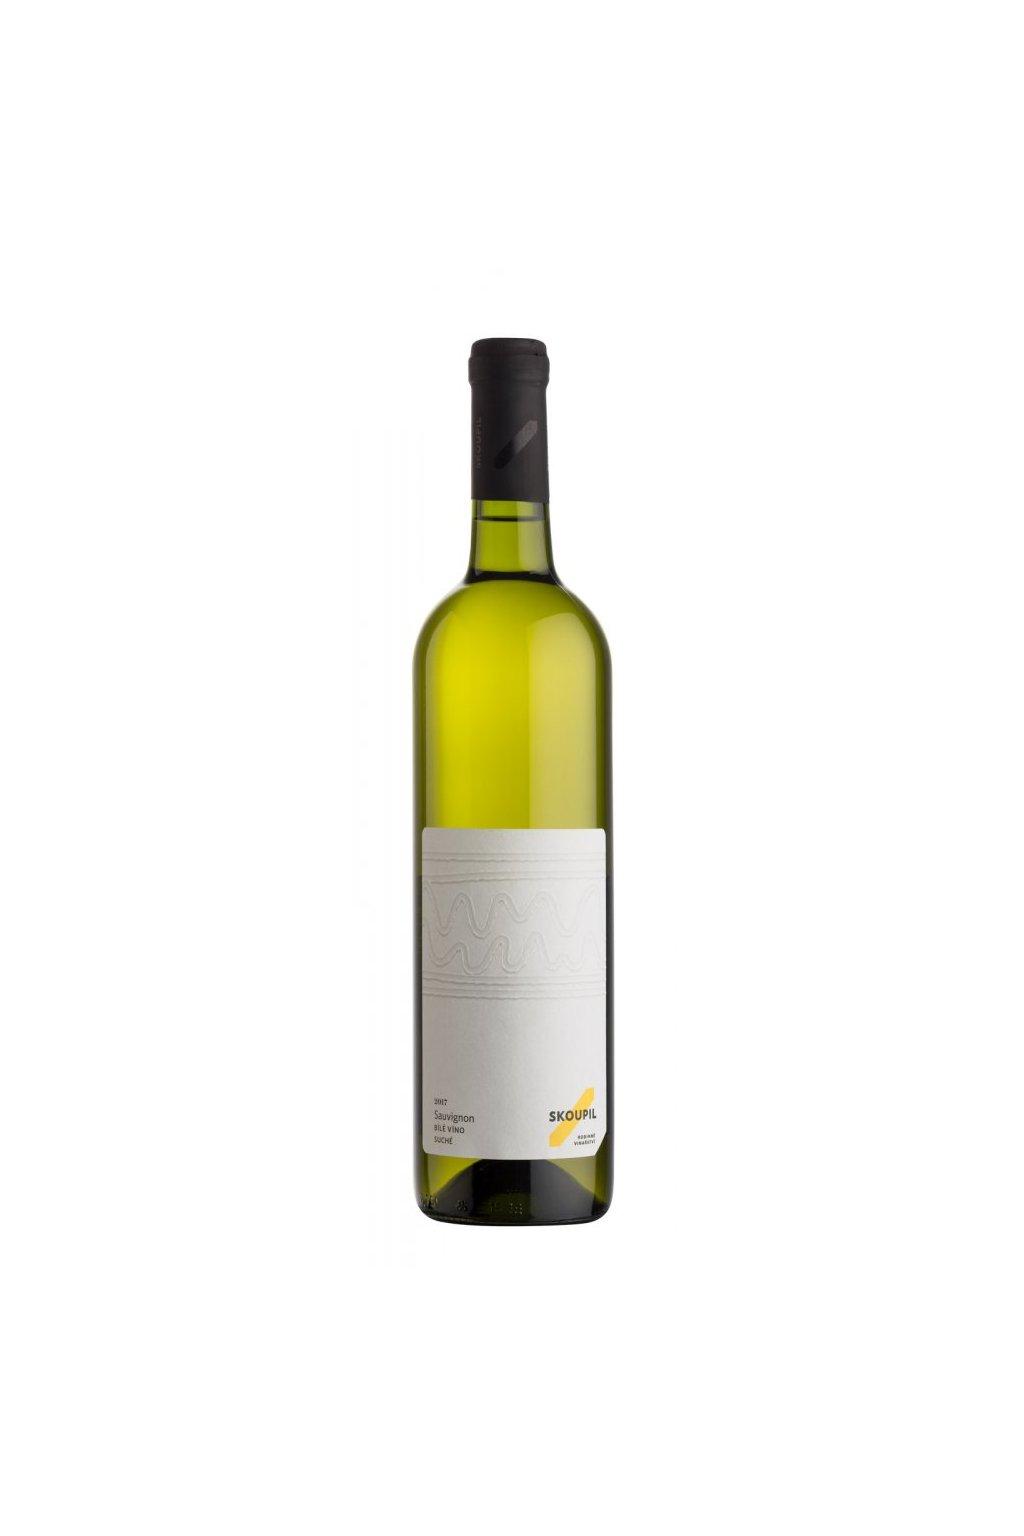 Sauvignon 2018, Moravské zemské víno